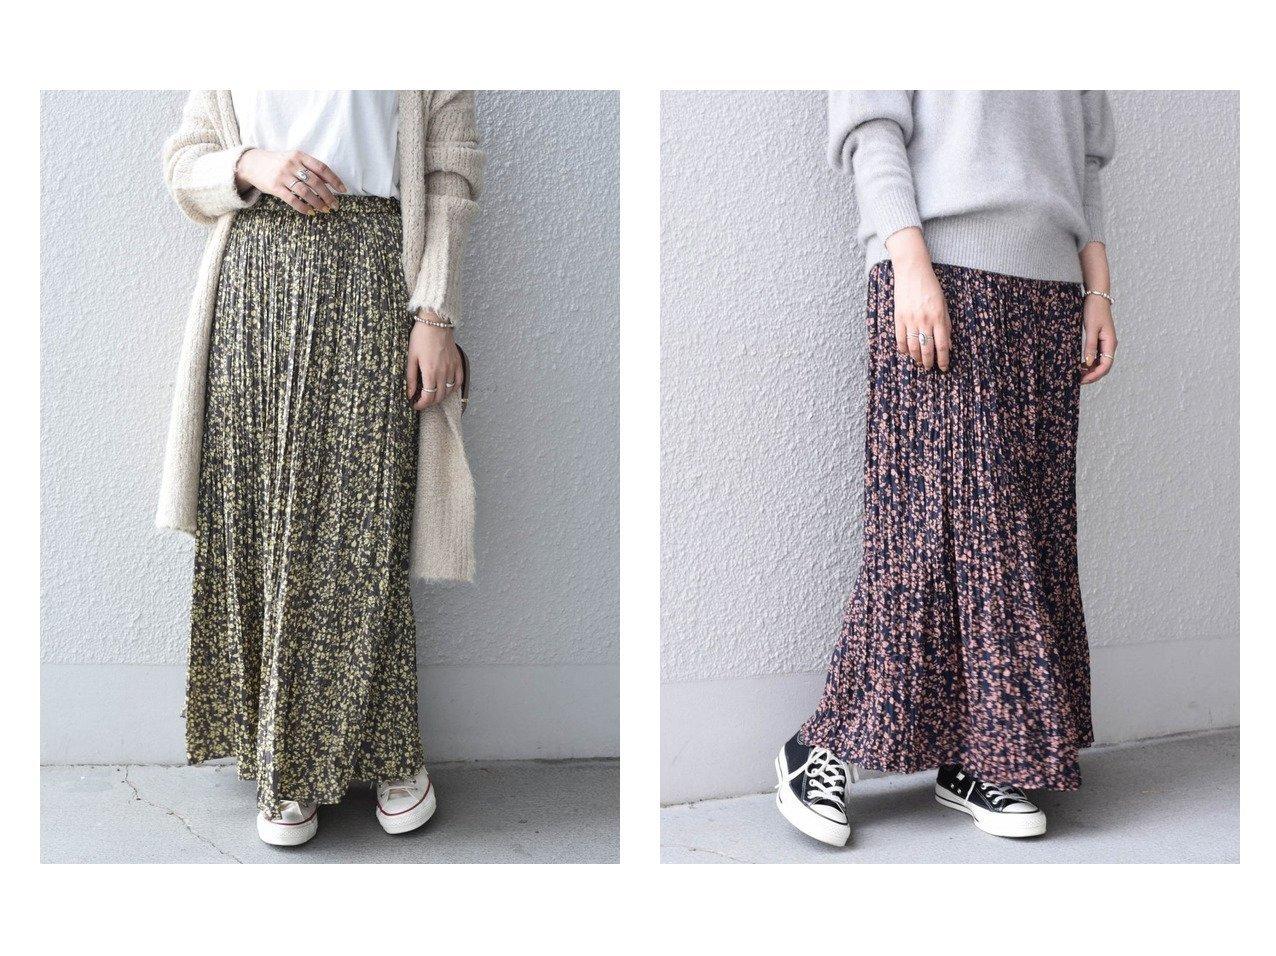 【SHIPS any/シップス エニィ】のSHIPS any ドット フラワー プリーツスカート スカートのおすすめ!人気、トレンド・レディースファッションの通販 おすすめで人気の流行・トレンド、ファッションの通販商品 メンズファッション・キッズファッション・インテリア・家具・レディースファッション・服の通販 founy(ファニー) https://founy.com/ ファッション Fashion レディースファッション WOMEN スカート Skirt プリーツスカート Pleated Skirts ロングスカート Long Skirt ドット バランス フラワー プリント プリーツ ロング |ID:crp329100000013413